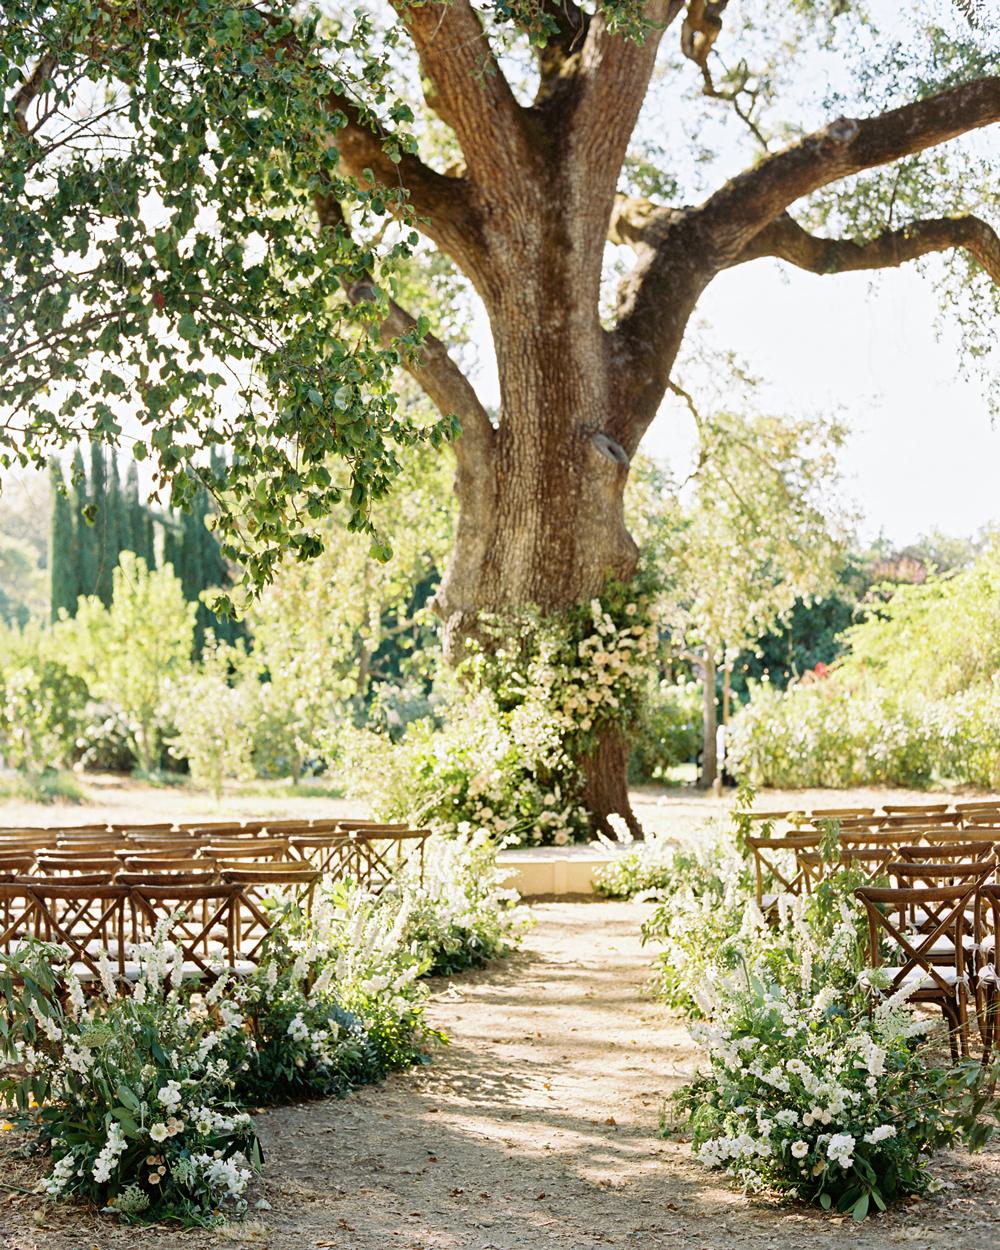 various greenery decor wedding ceremony